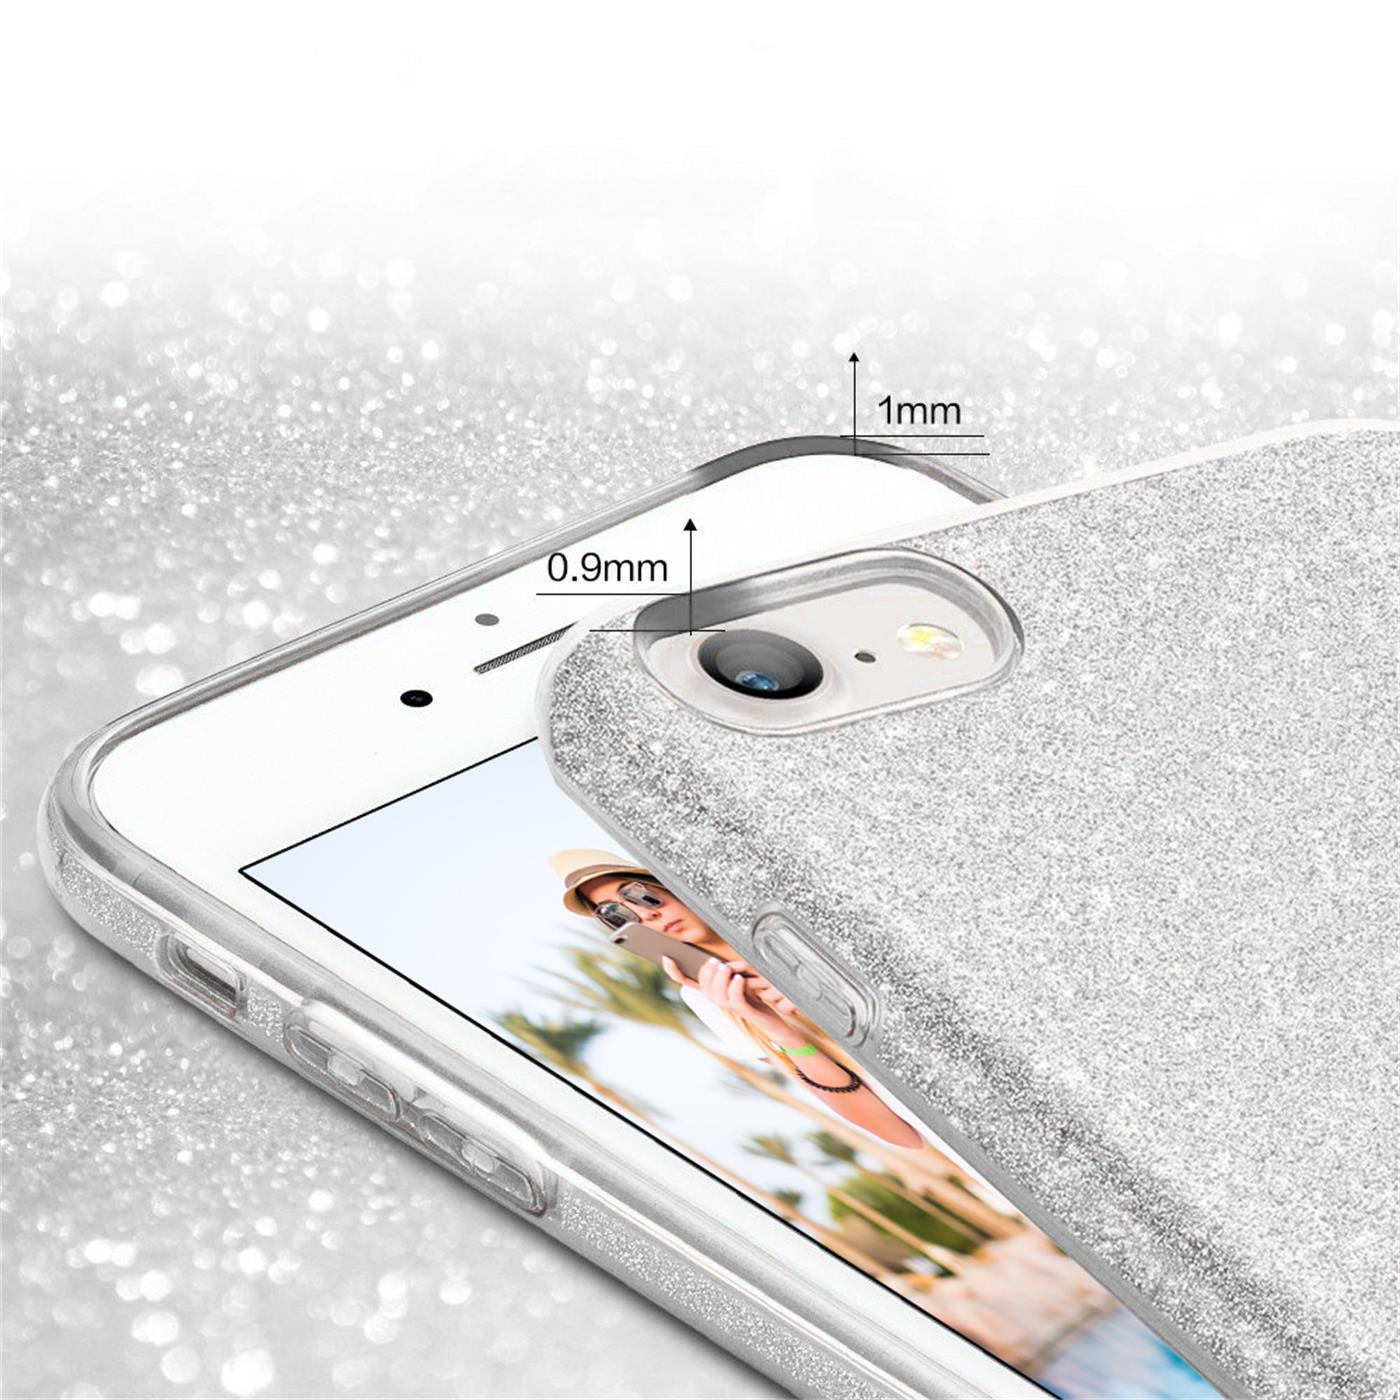 Handy-Glitzer-Huelle-fuer-Apple-iPhone-Slim-TPU-Cover-Case-Silikon-Schutz-Tasche Indexbild 18